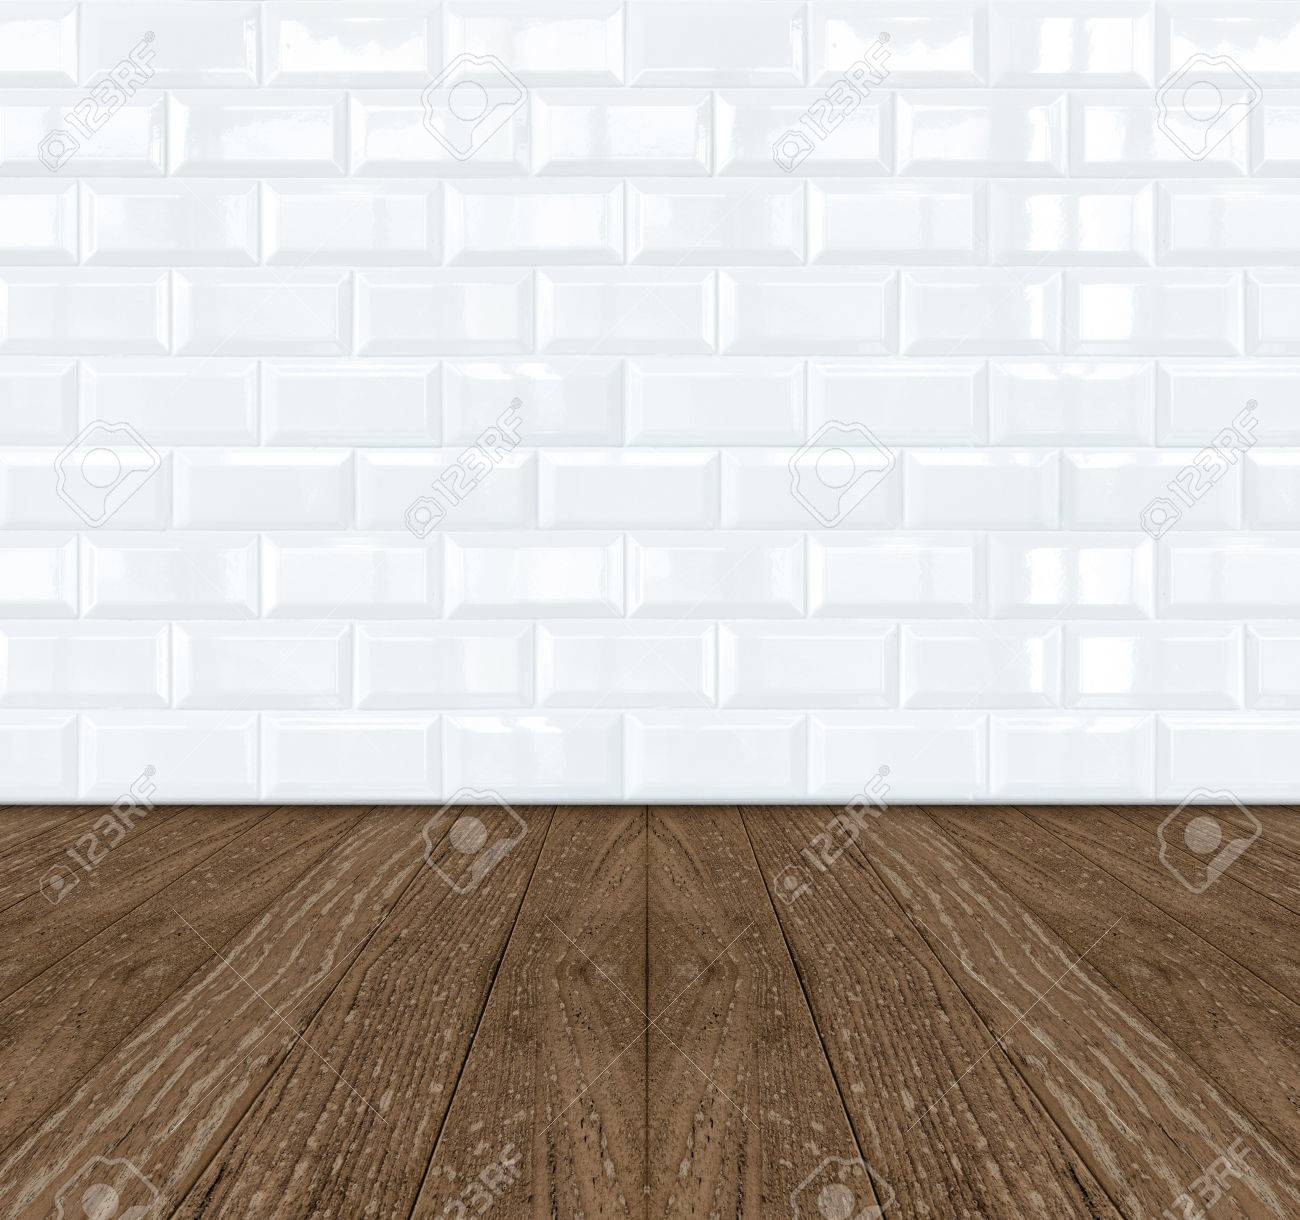 Weiße Keramische Ziegel Fliesen Wand Holzboden Lizenzfreie Fotos - Weisse backstein fliesen